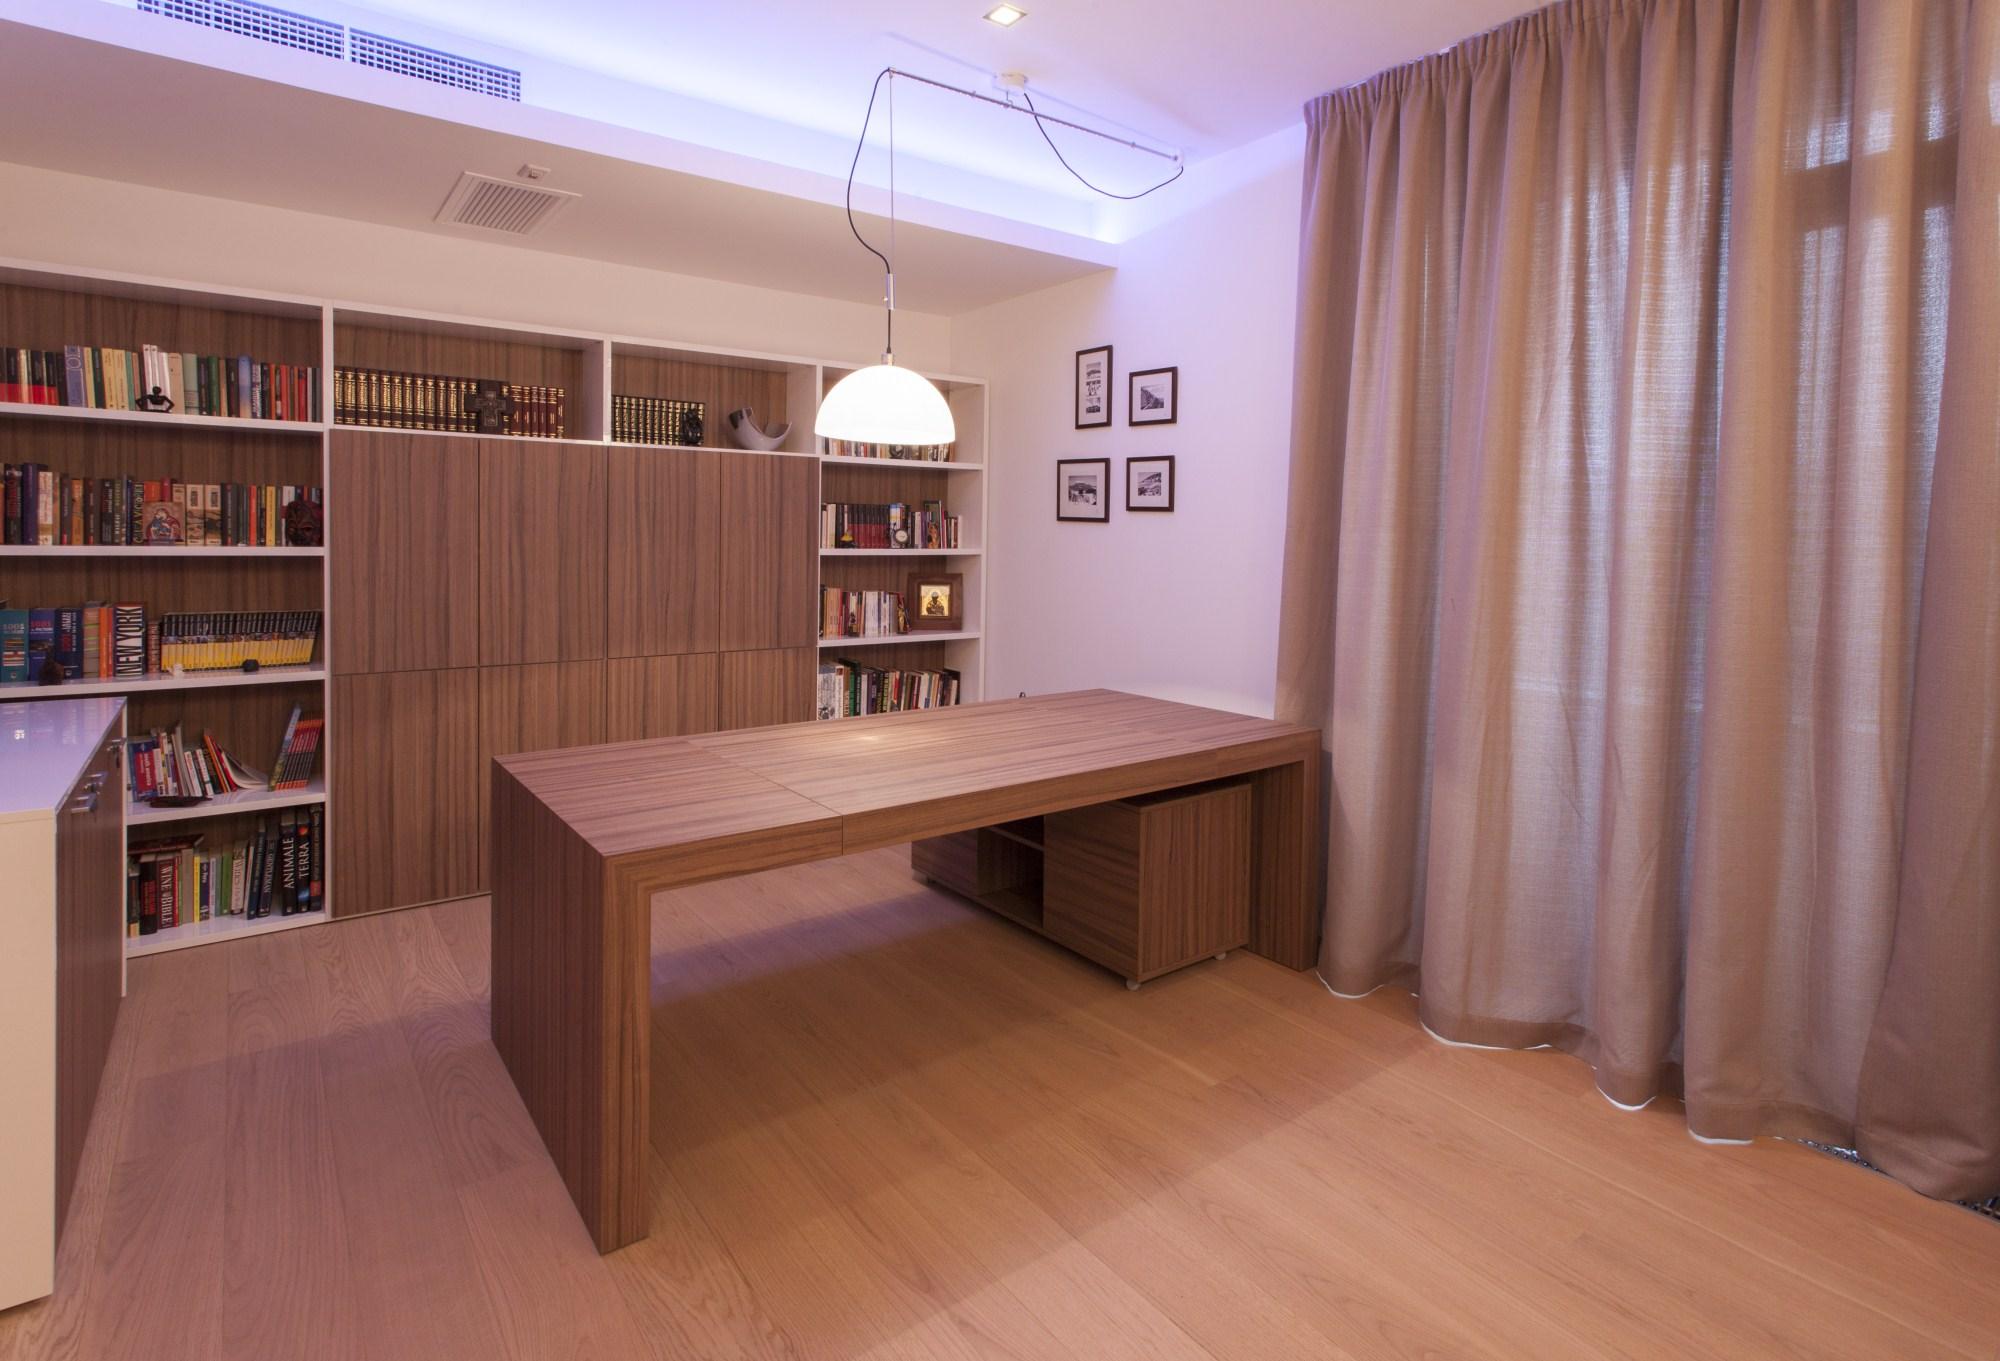 https://nbc-arhitect.ro/wp-content/uploads/2020/10/NBC-Arhitect-_-Petofi-Sandor-_-Housing-_-interior-design_21.jpg